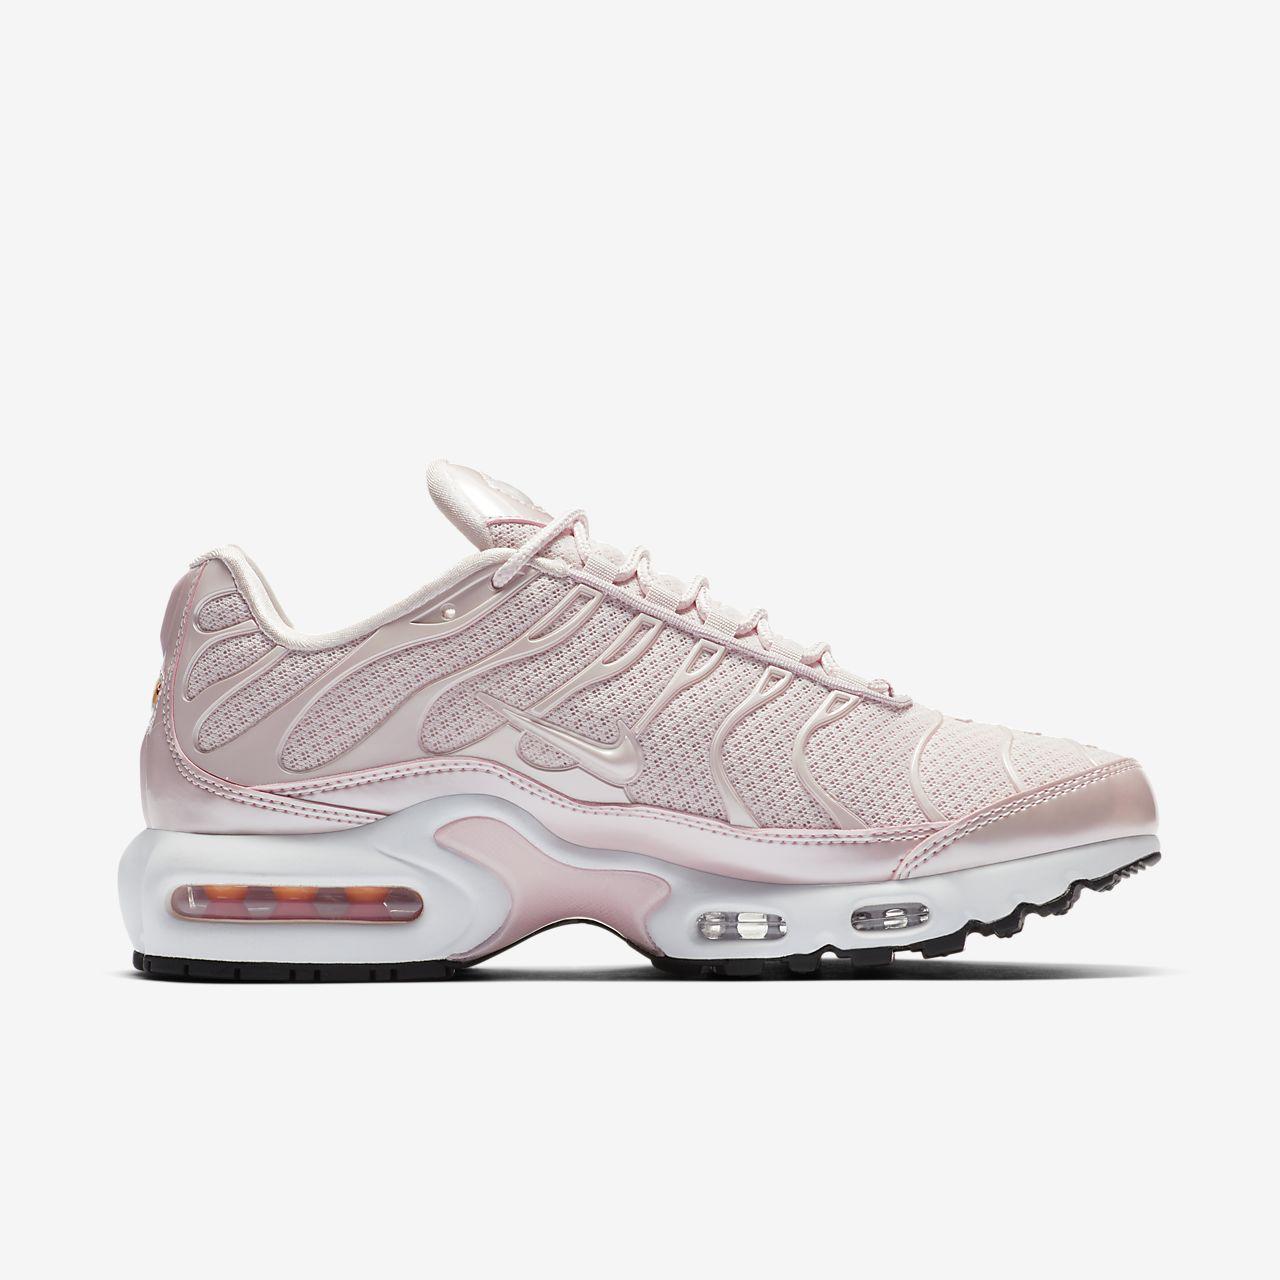 scarpe nike air max tn donna